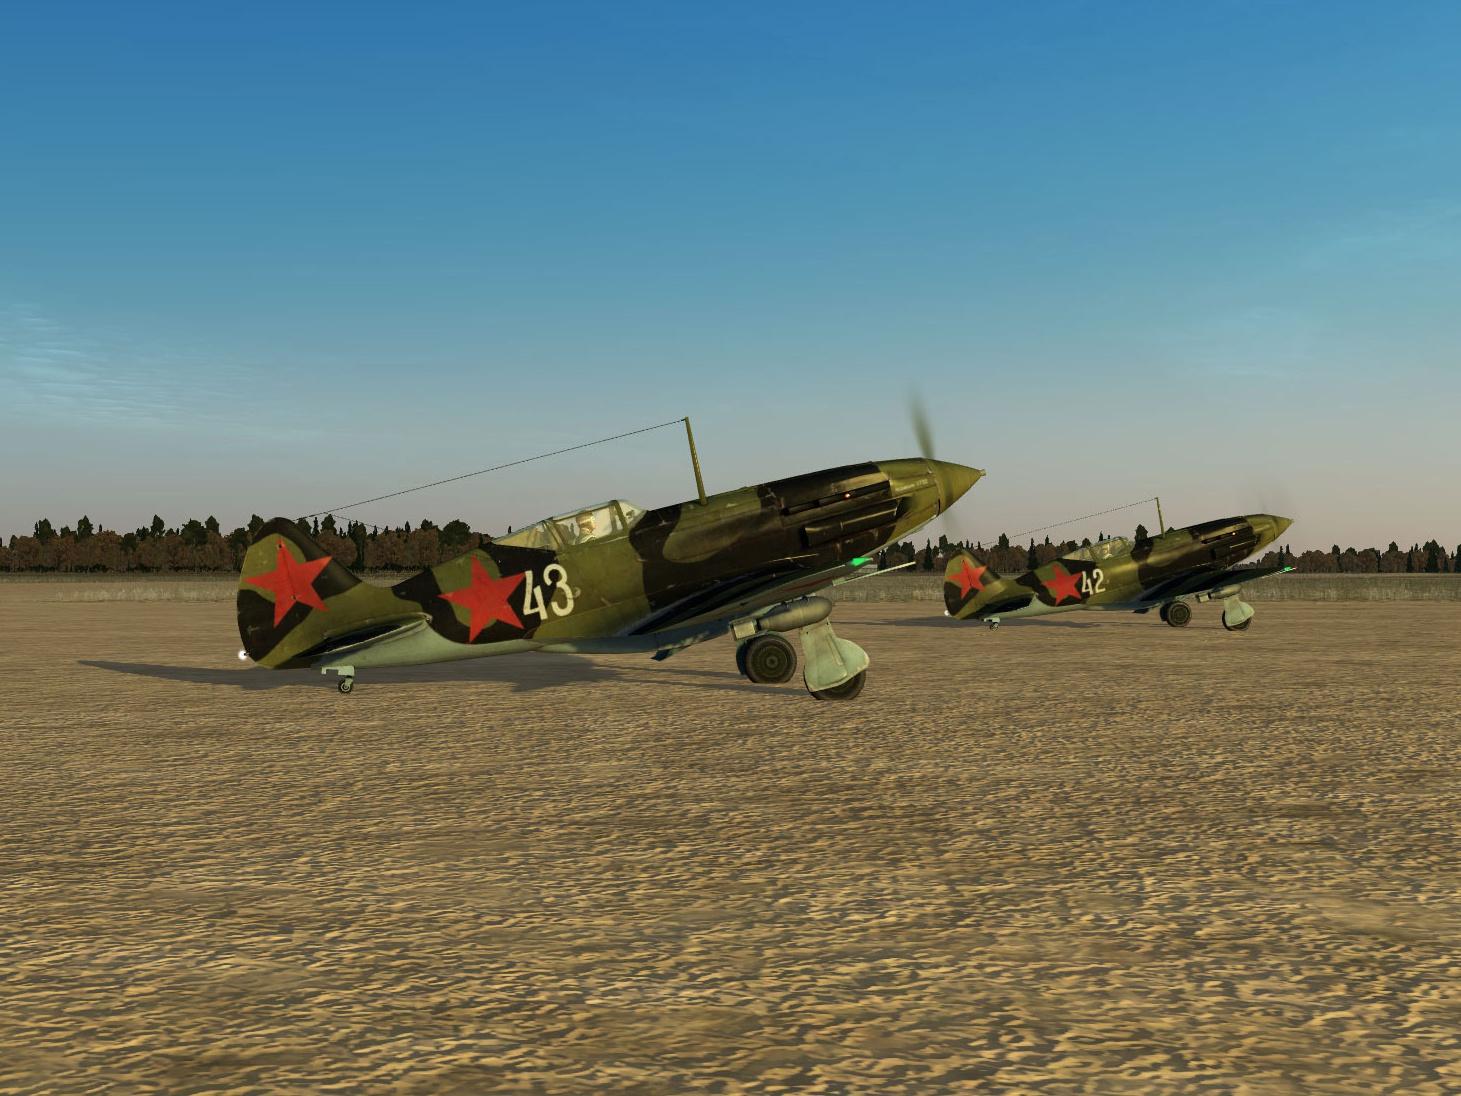 Скриншоты из российской компьютерной игры «Ил-2 Штурмовик». Данные варианты текстур, воссоздающие исторические окраски самолётов, выполнены Максимом Брянским